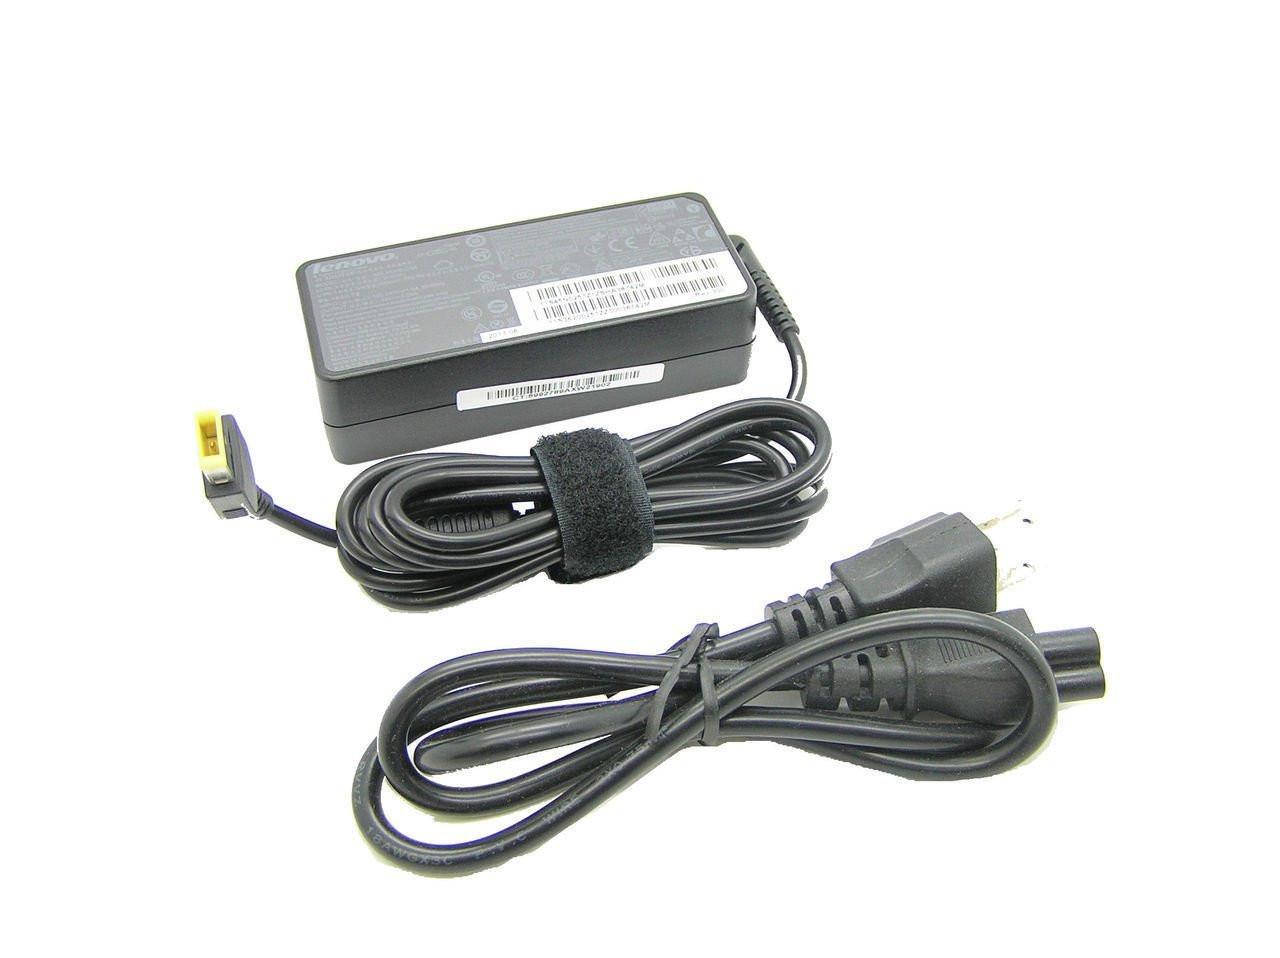 New Genuine Power AC Adapter for Lenovo 65 Watt 20V 3.25A Type-C USB 01FR031